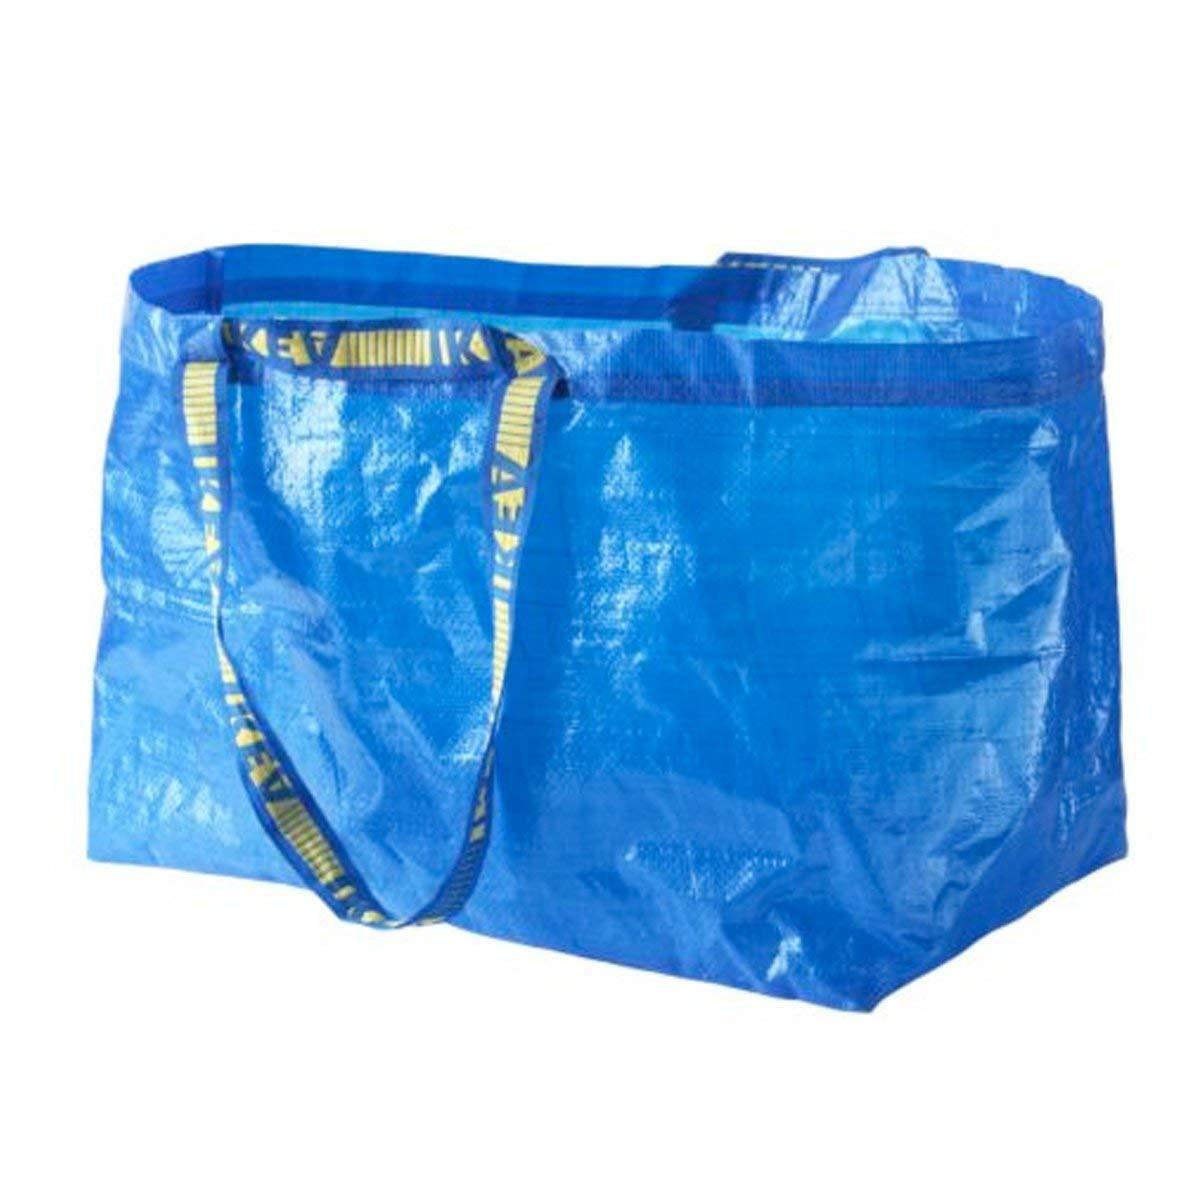 Ikea Bolsas Grandes Azul Frakta x 5 Ideal Para Uso Exterior Y Almacenaje Carga Máx 25 Kgs: Amazon.es: Industria, empresas y ciencia